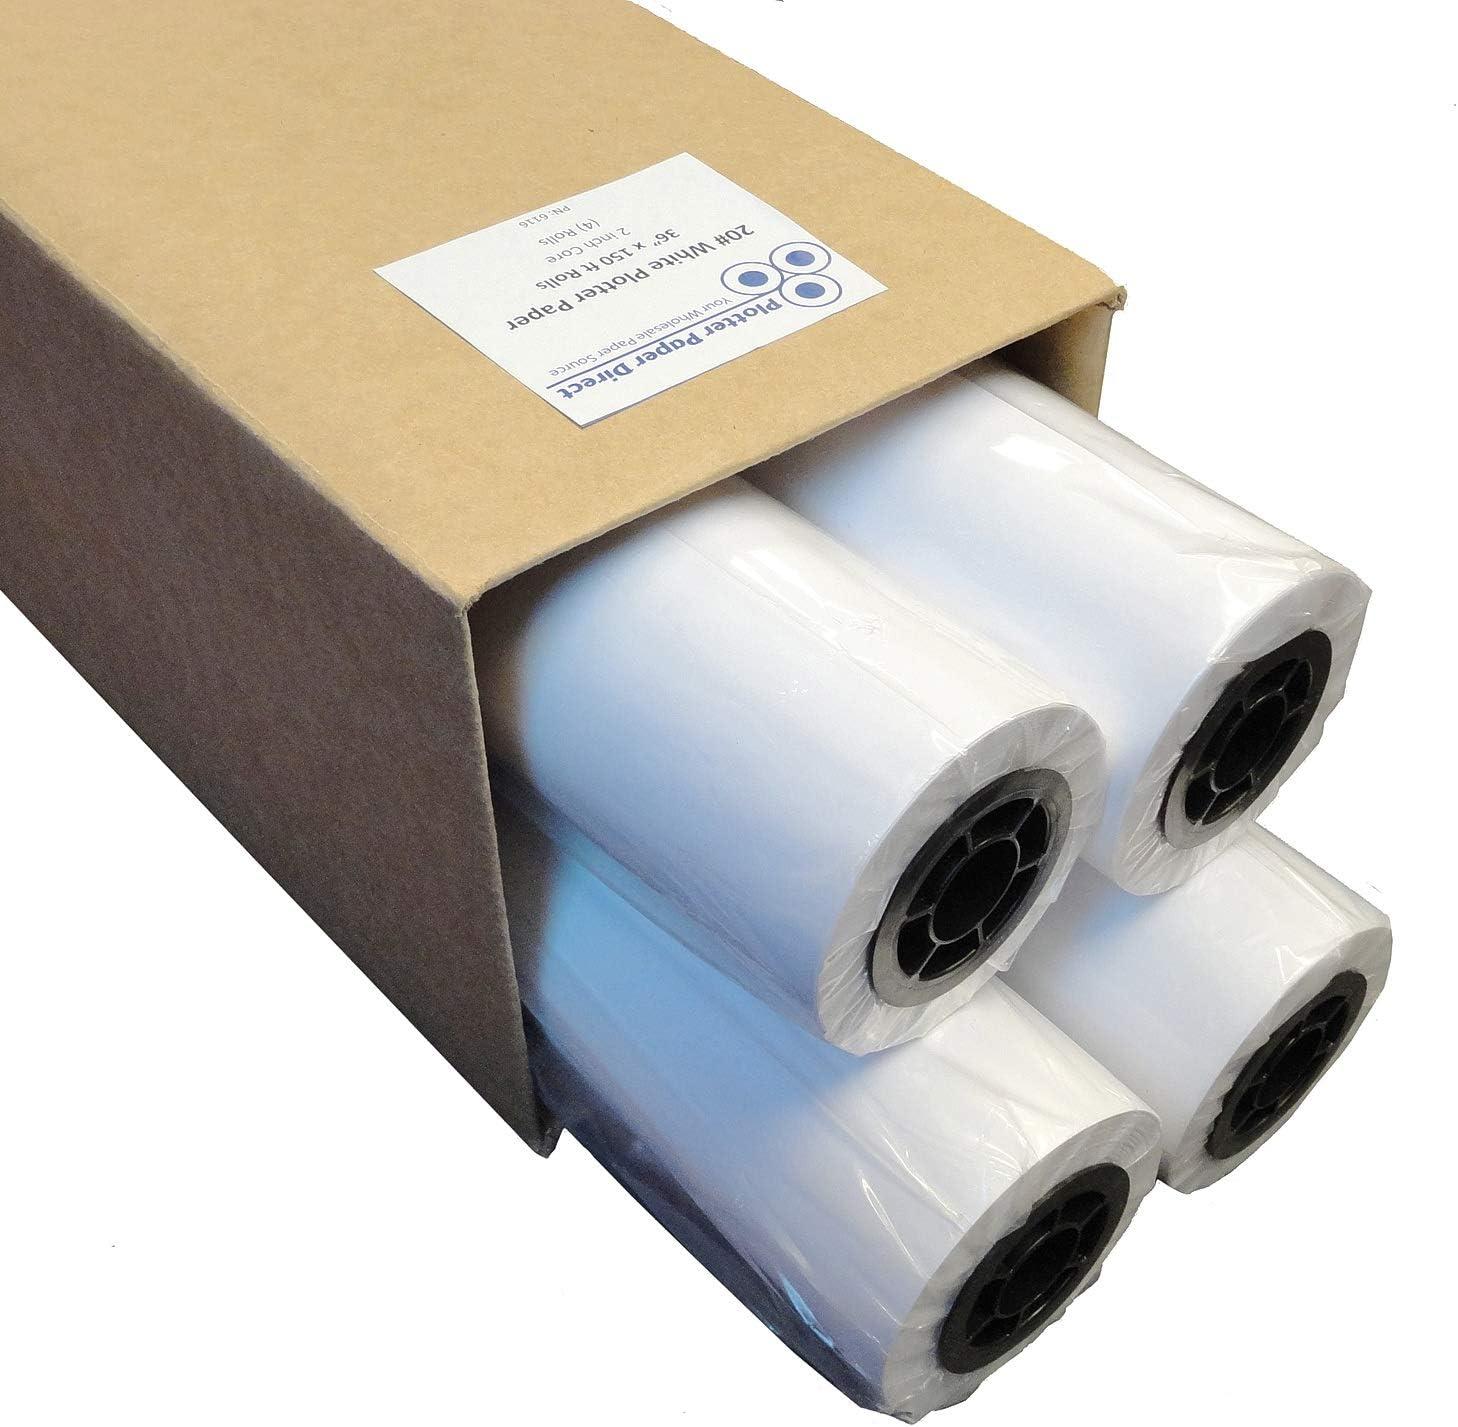 Plotter Paper 36 x 150: Caja de rollos de 4 – 36 x 150 pies, 20 lb. Papel de unión en núcleo de 2 pulgadas. Para impresión CAD en impresoras de chorro